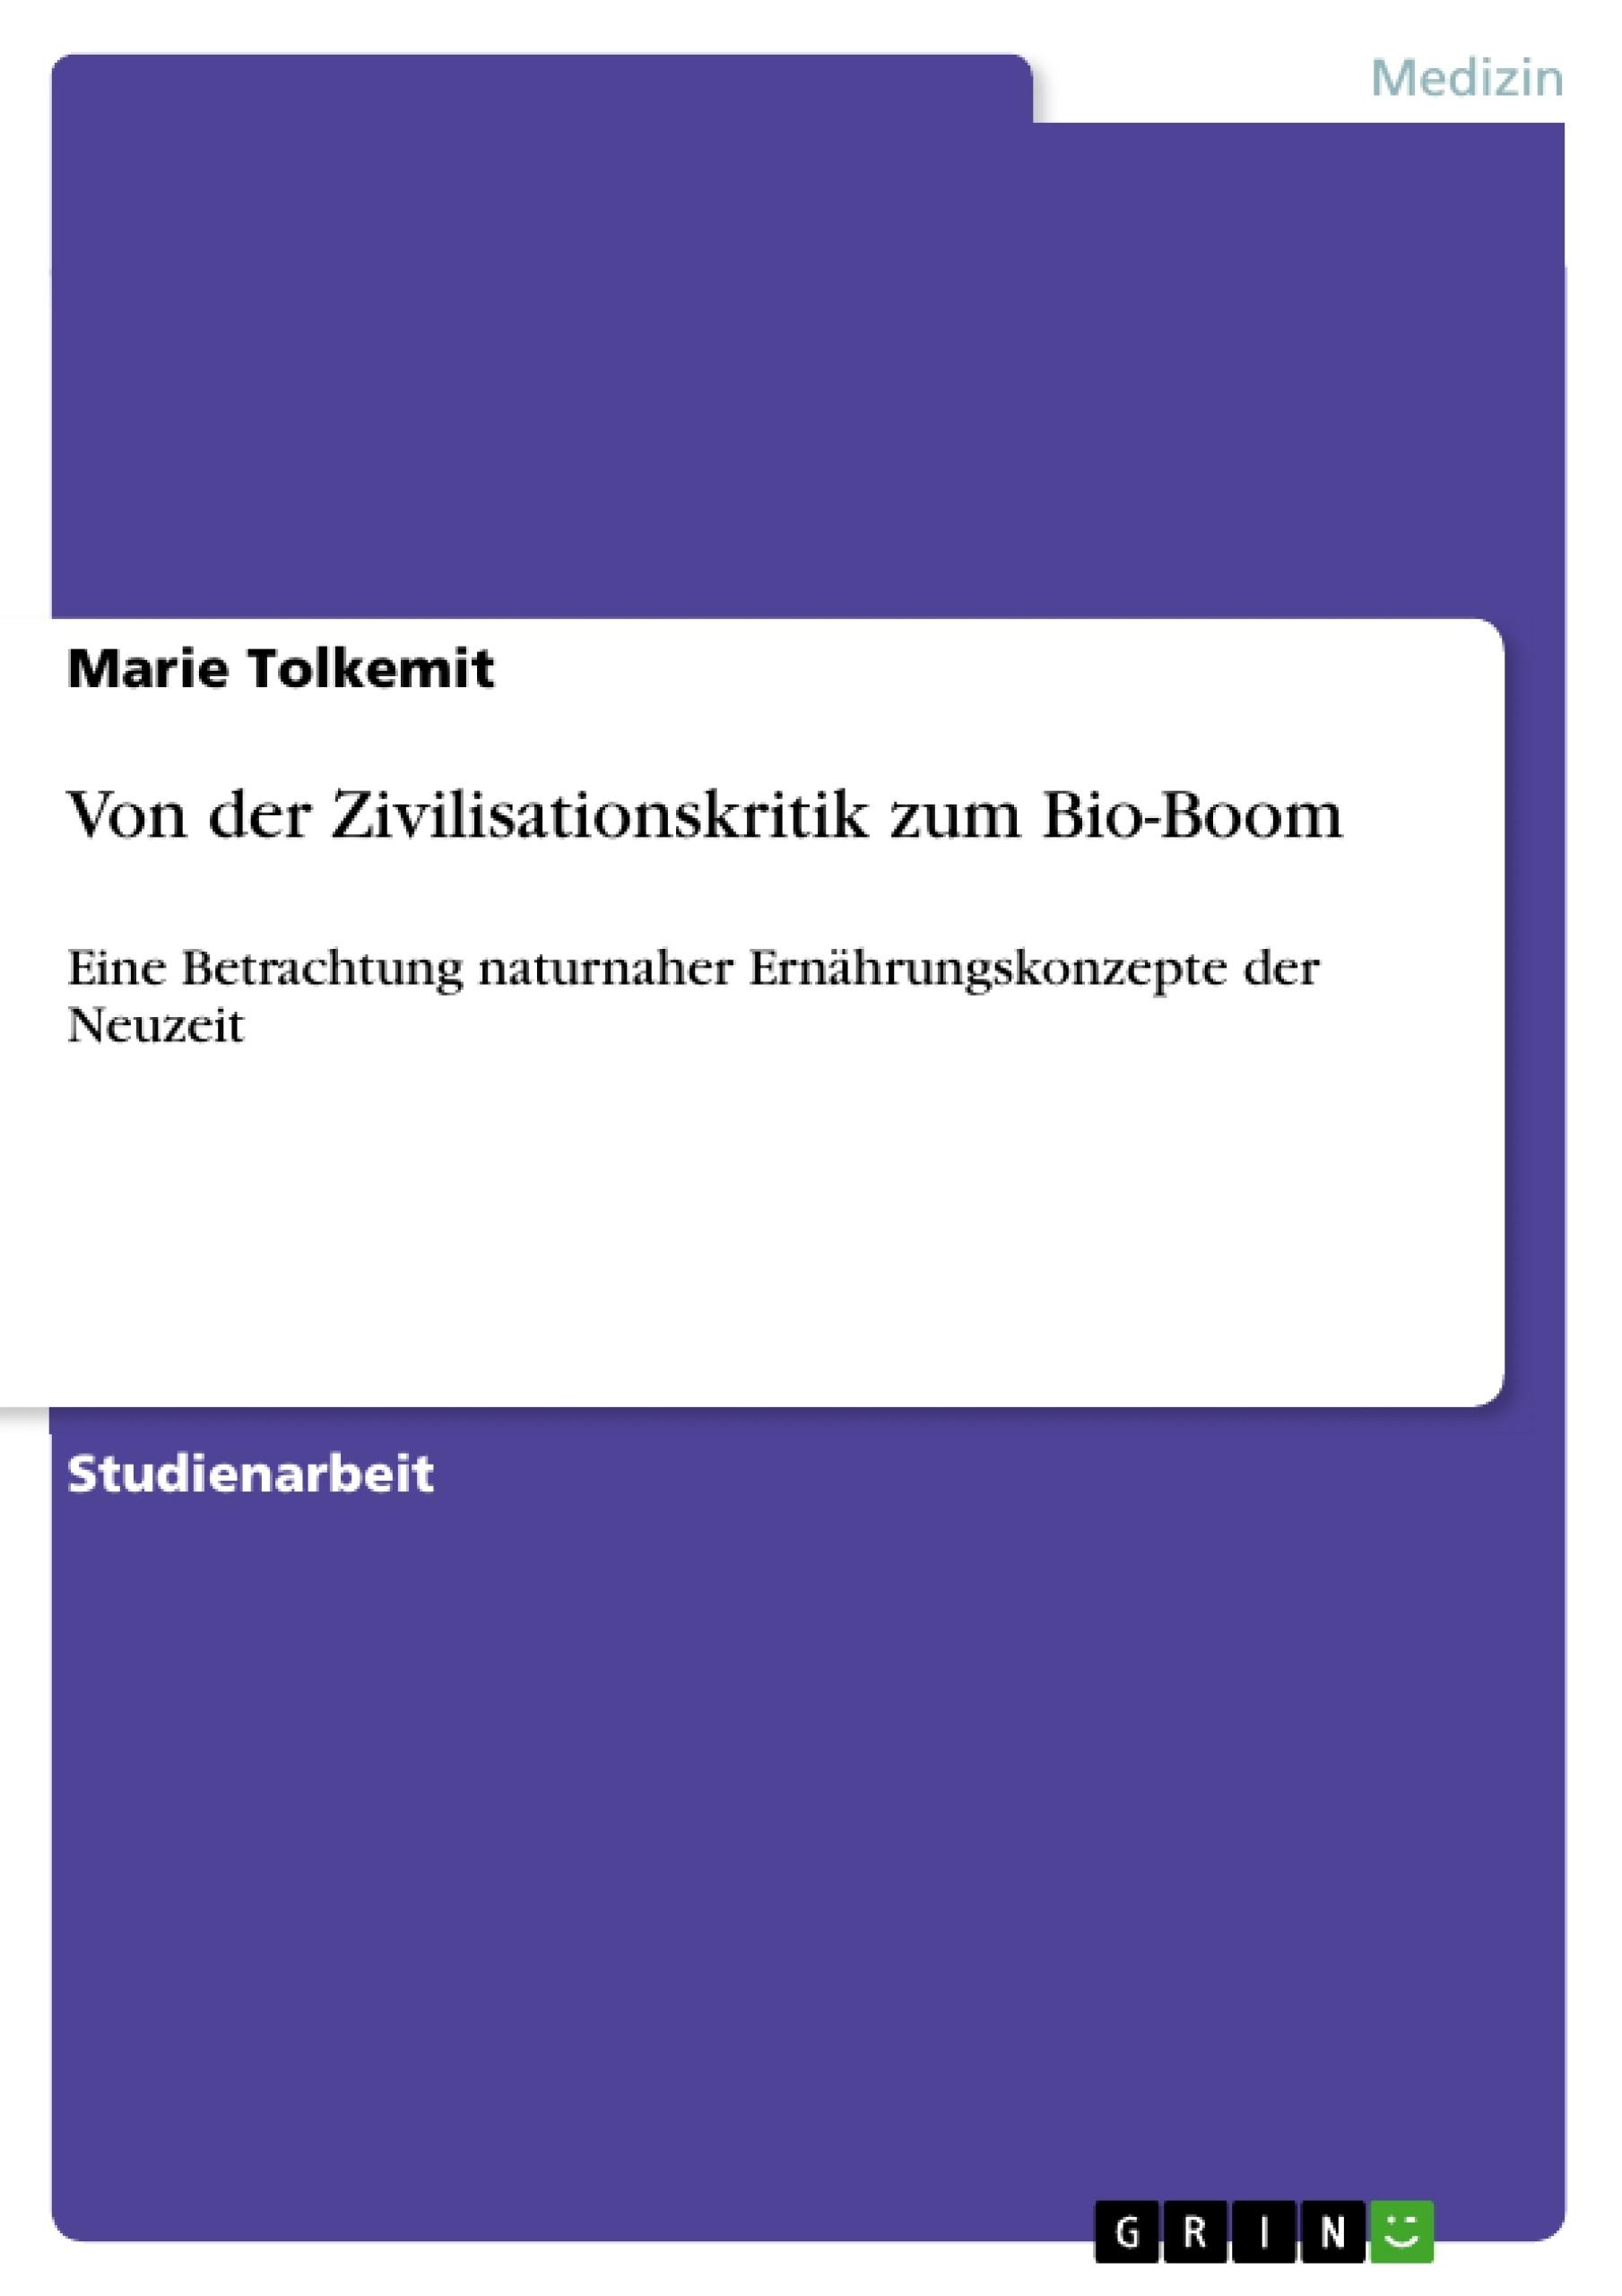 Titel: Von der Zivilisationskritik zum Bio-Boom